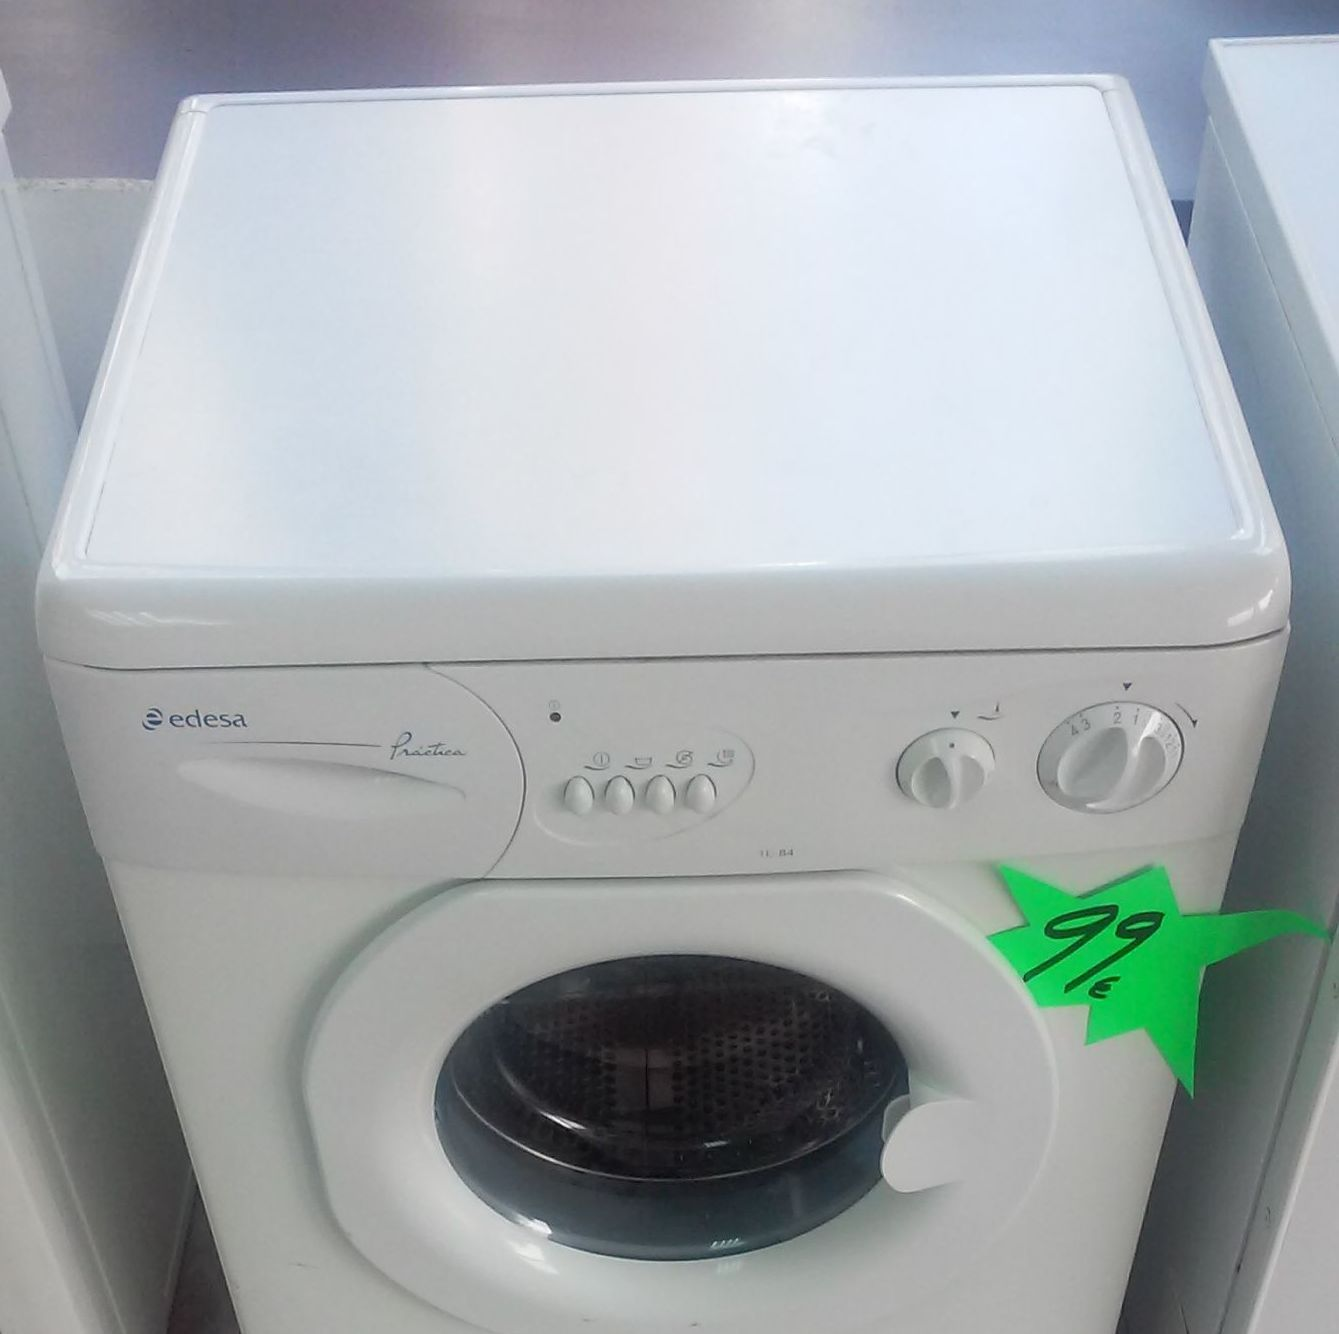 Hoza Acogedora Personales Milanuncios Lavadoras De: lavadoras de segunda mano